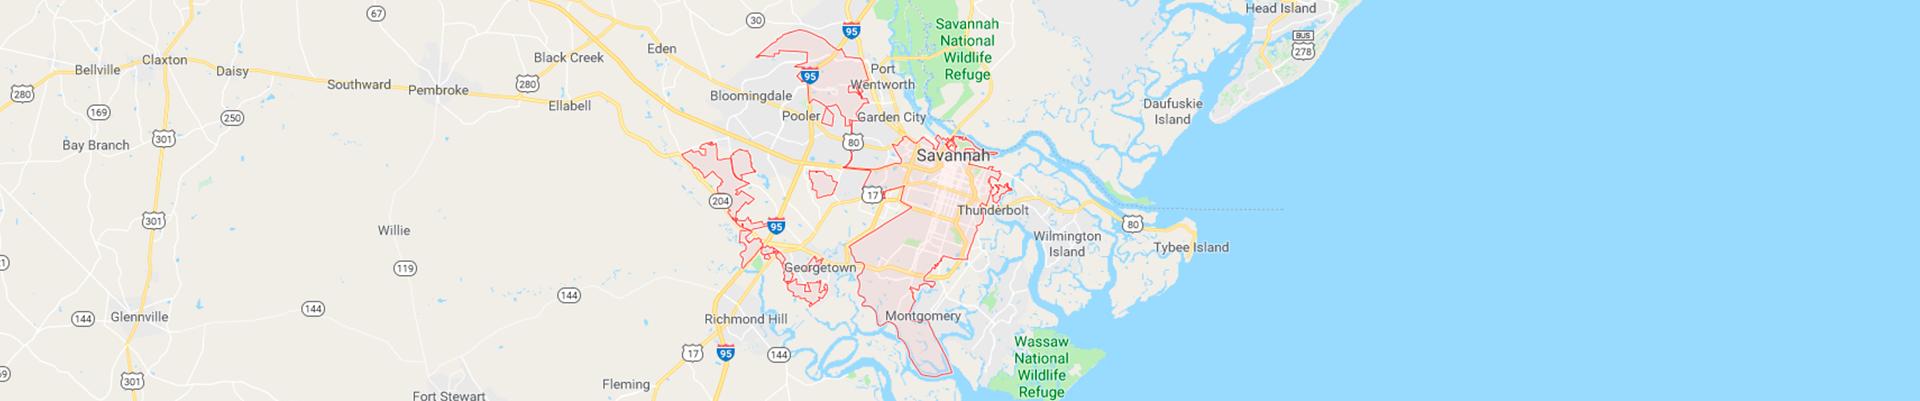 Classic-Car-Appraisal-Franchise-in-Savannah-Georgia